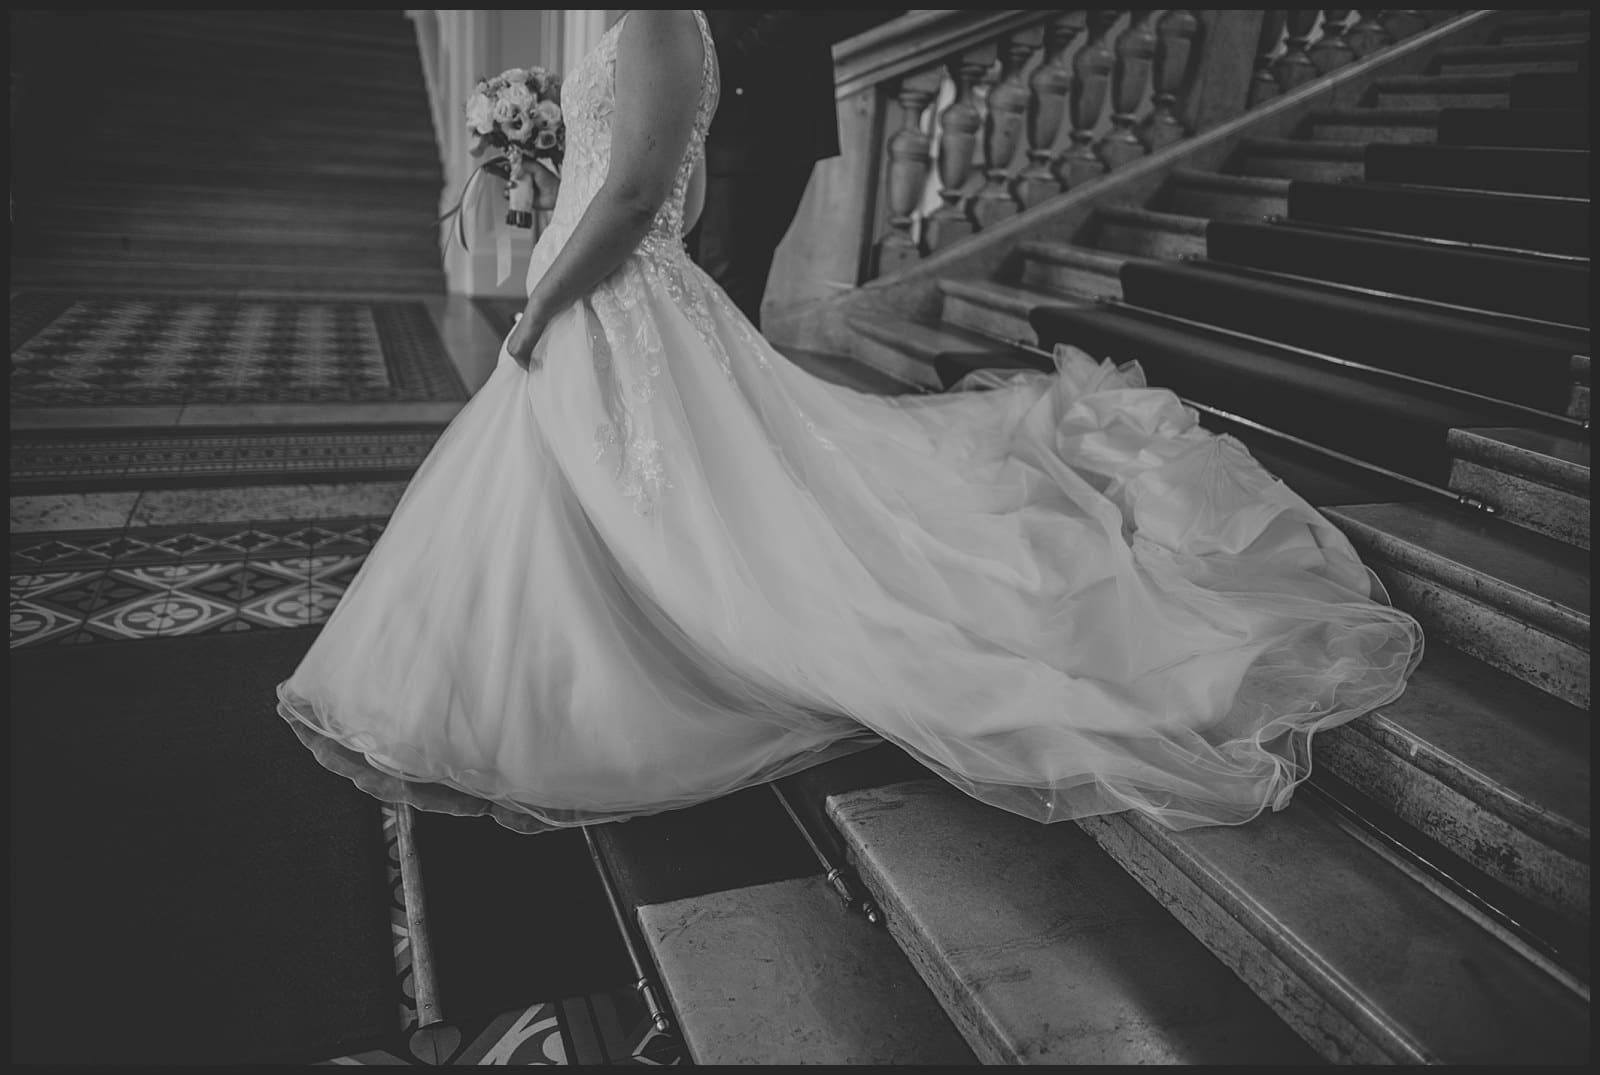 détail robe de la mariée pendant qu'elle descend les marches à la mairie de Limoges